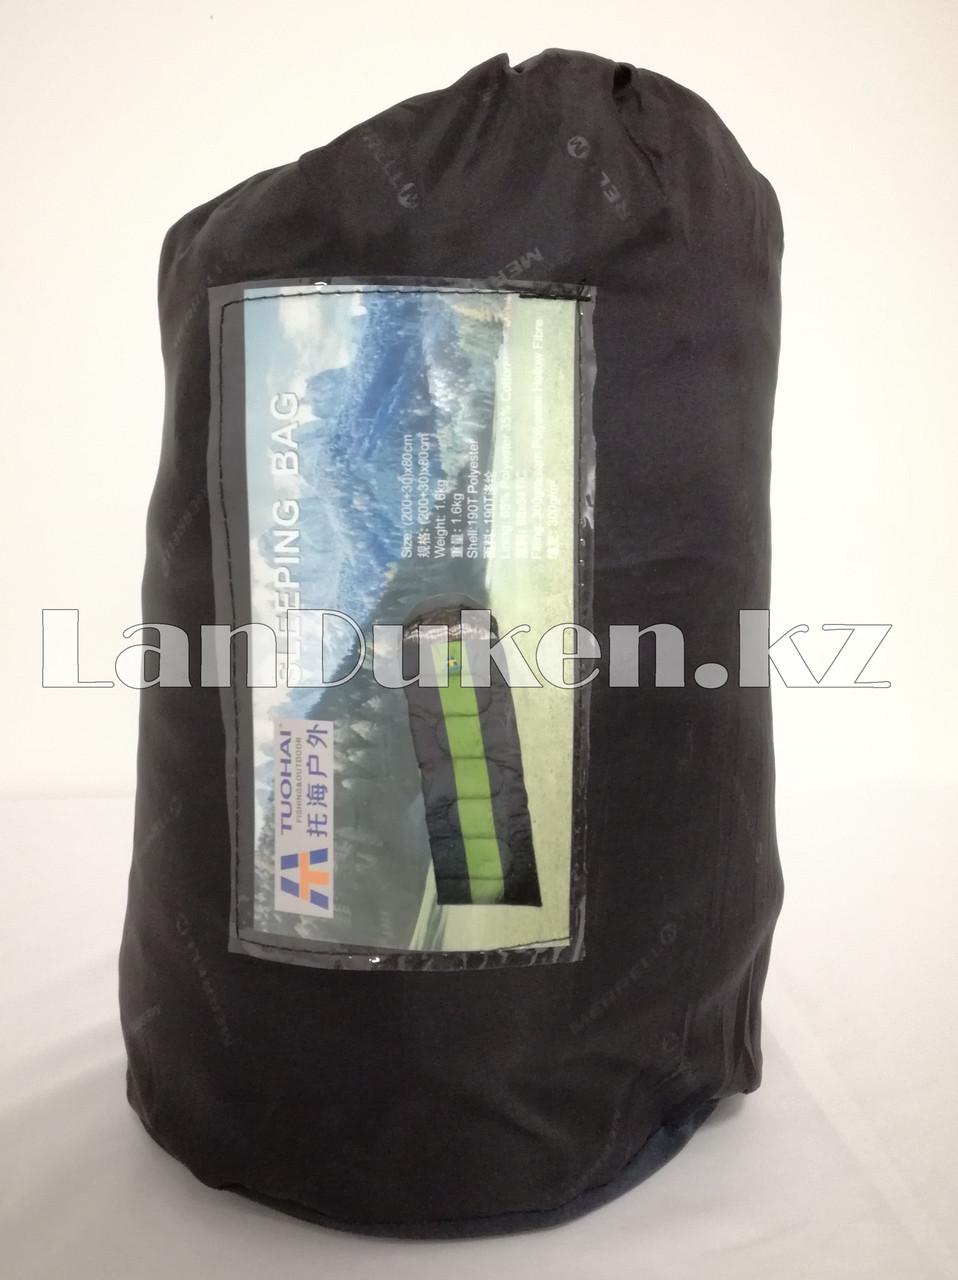 Спальный (туристический) мешок TUOHAI (200+30)Х80 см - фото 1